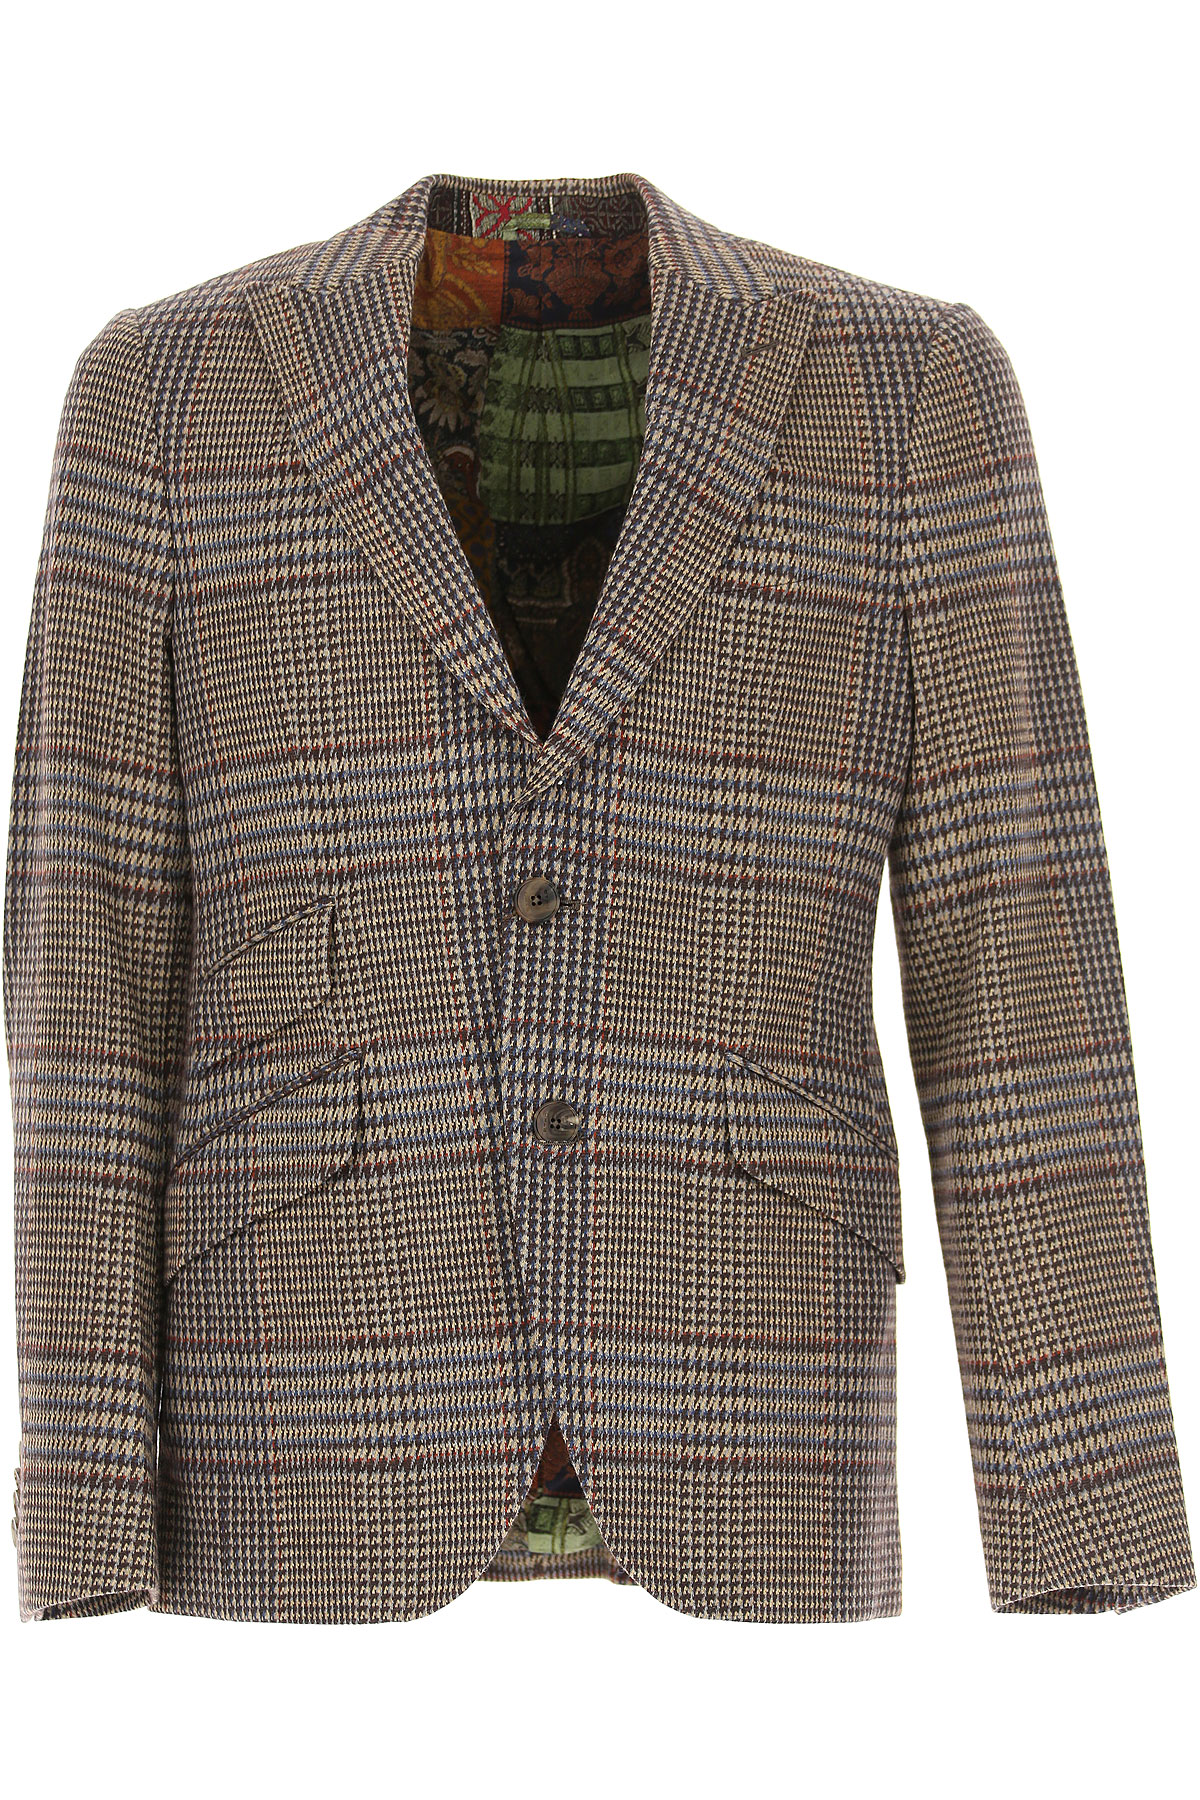 Image of Etro Blazer for Men, Sport Coat, Multicolor, Cotton, 2017, L M XL XXL XXXL